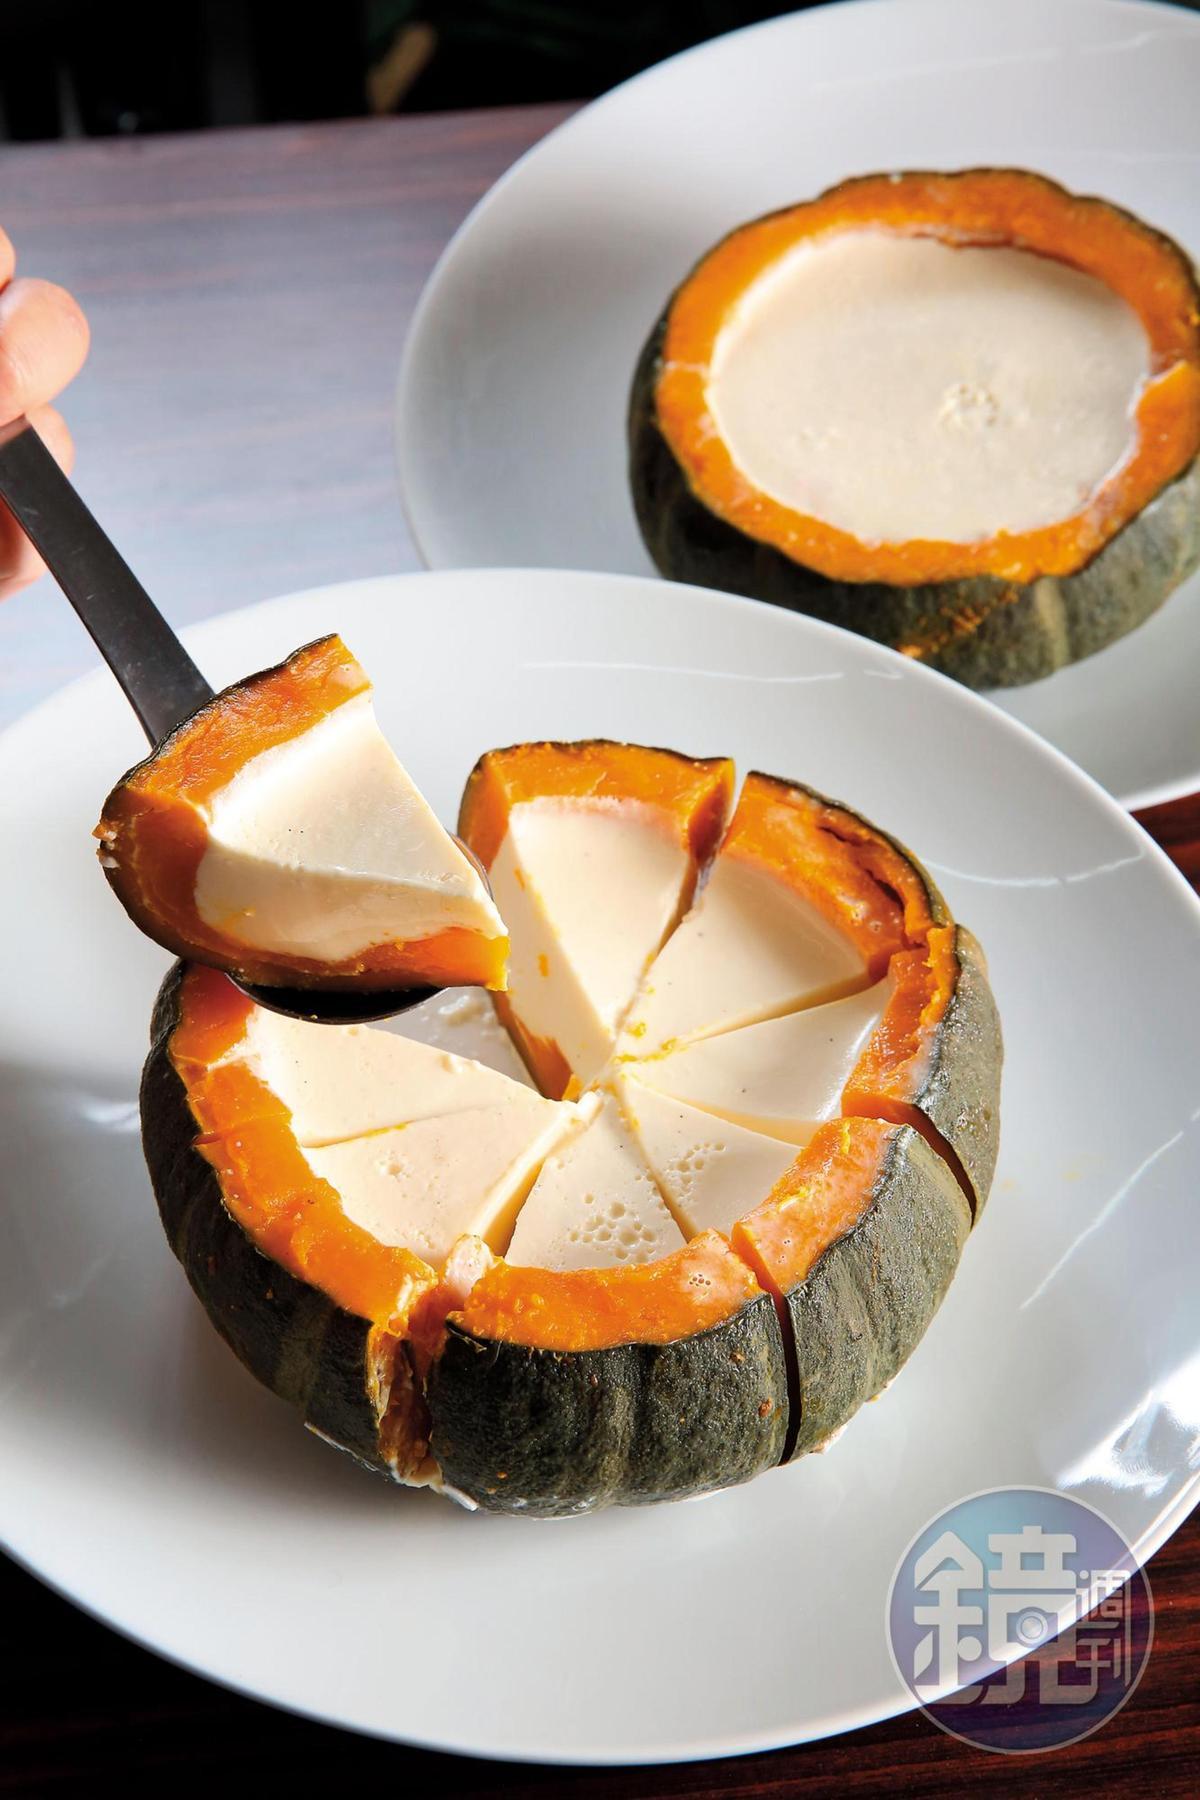 麵店裡的南瓜奶酪是熟客最愛的甜點,也是老闆親自製作。(150元/份)